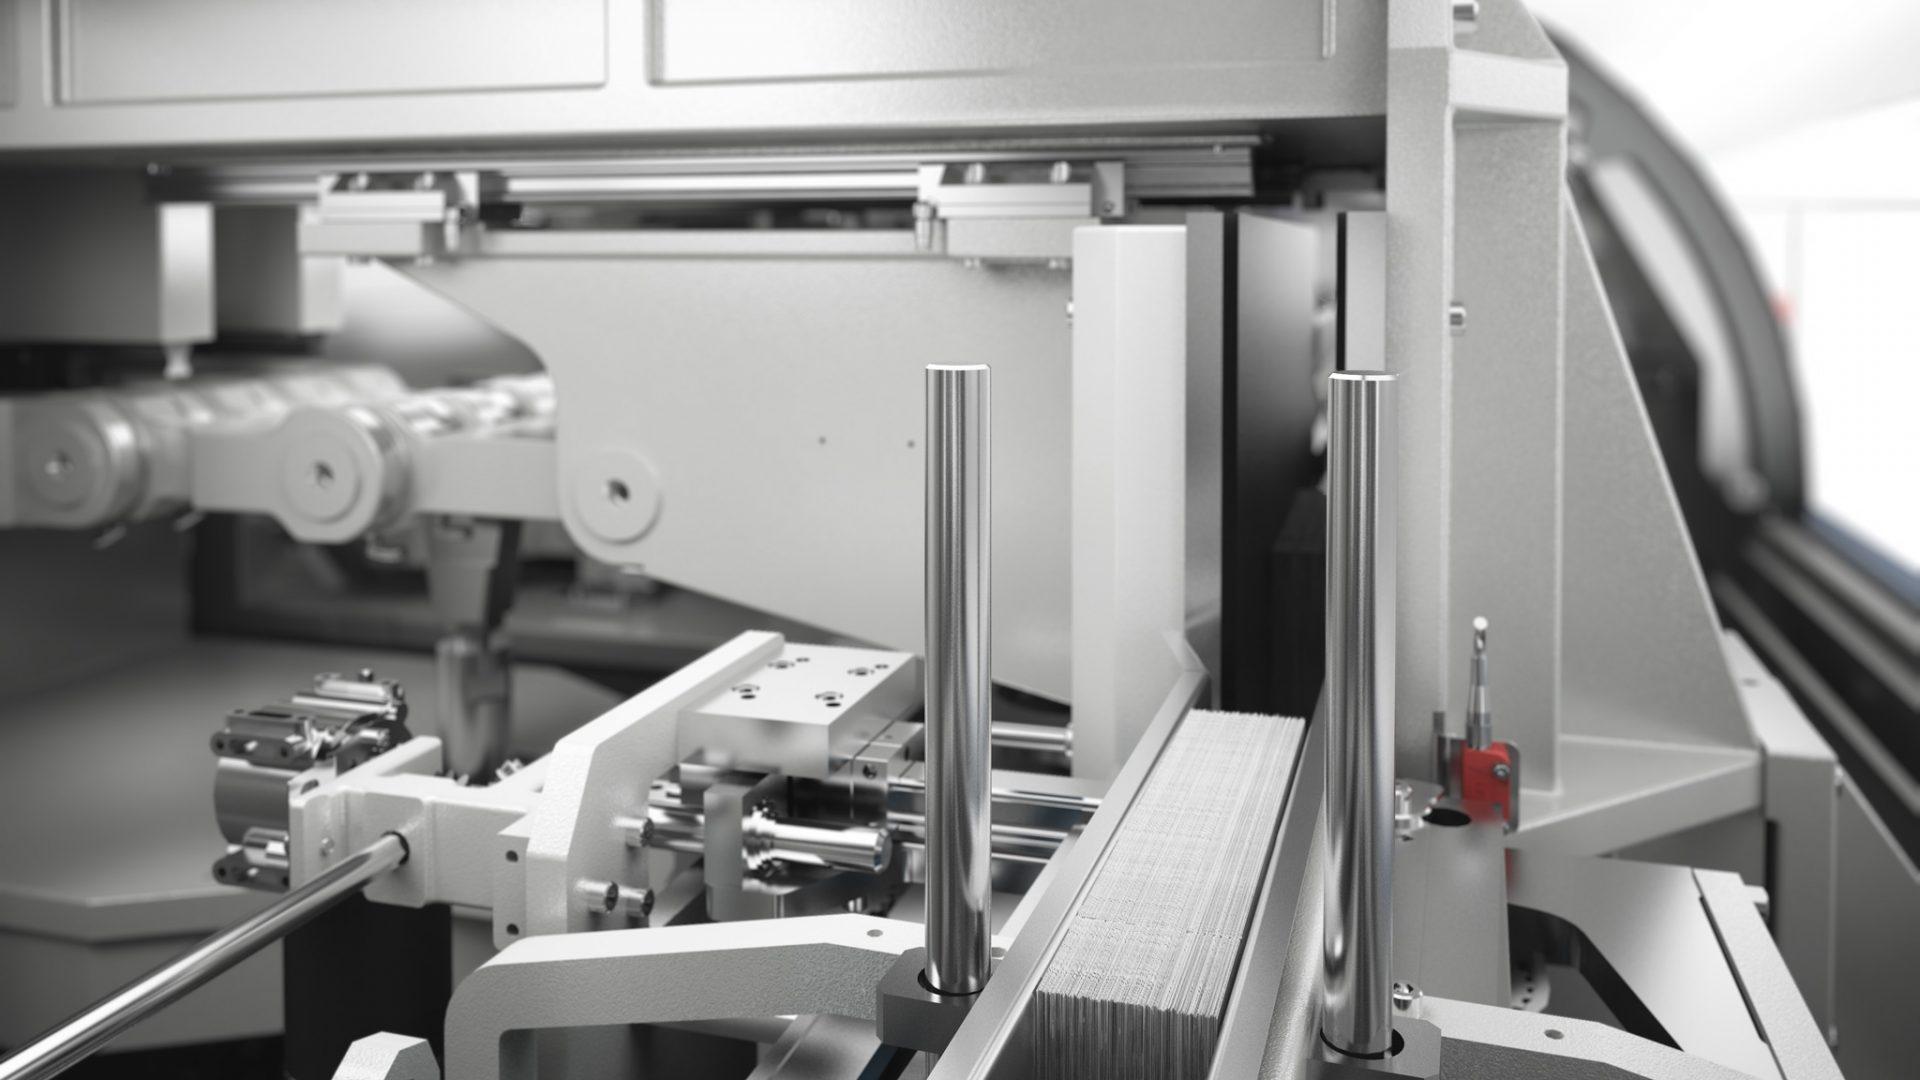 3D-Produktfoto/Rendering einer Kolbus Inline-Buchendfertigung, Ganzpresse